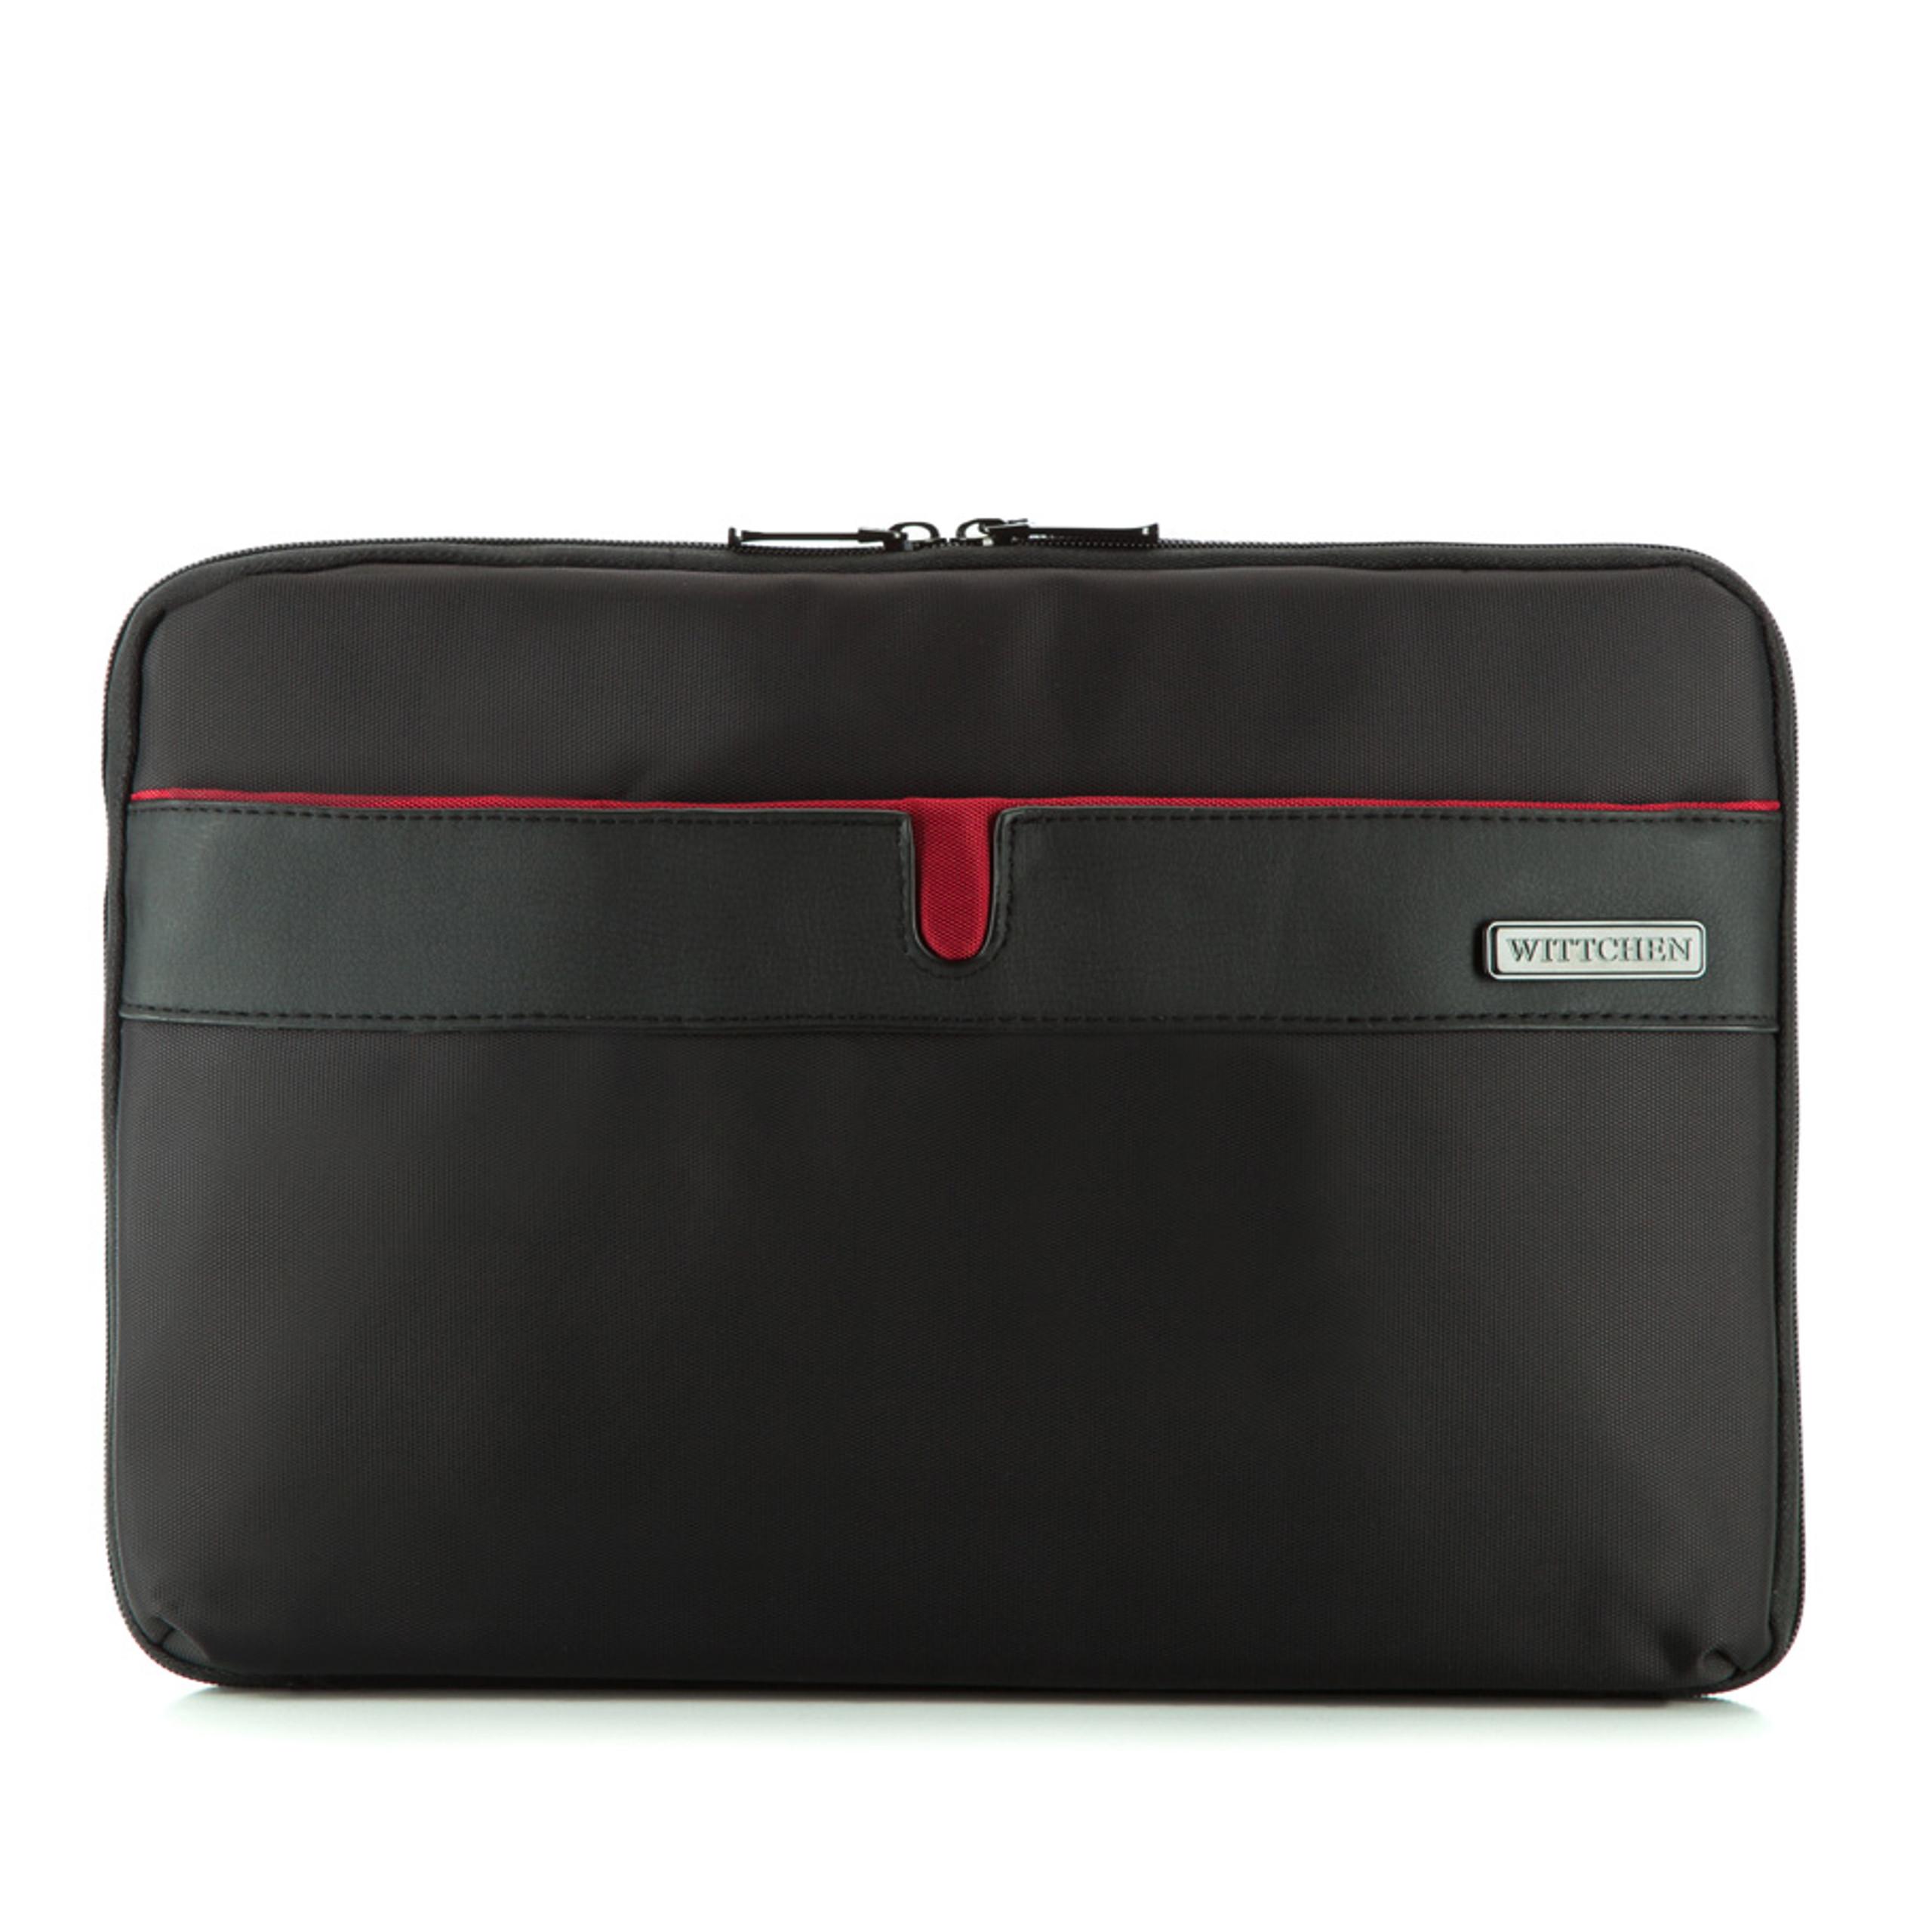 19d89434afaba New Line - Torba Wittchen laptop 15,6'' Office 83-3P-108-1 czarna ...